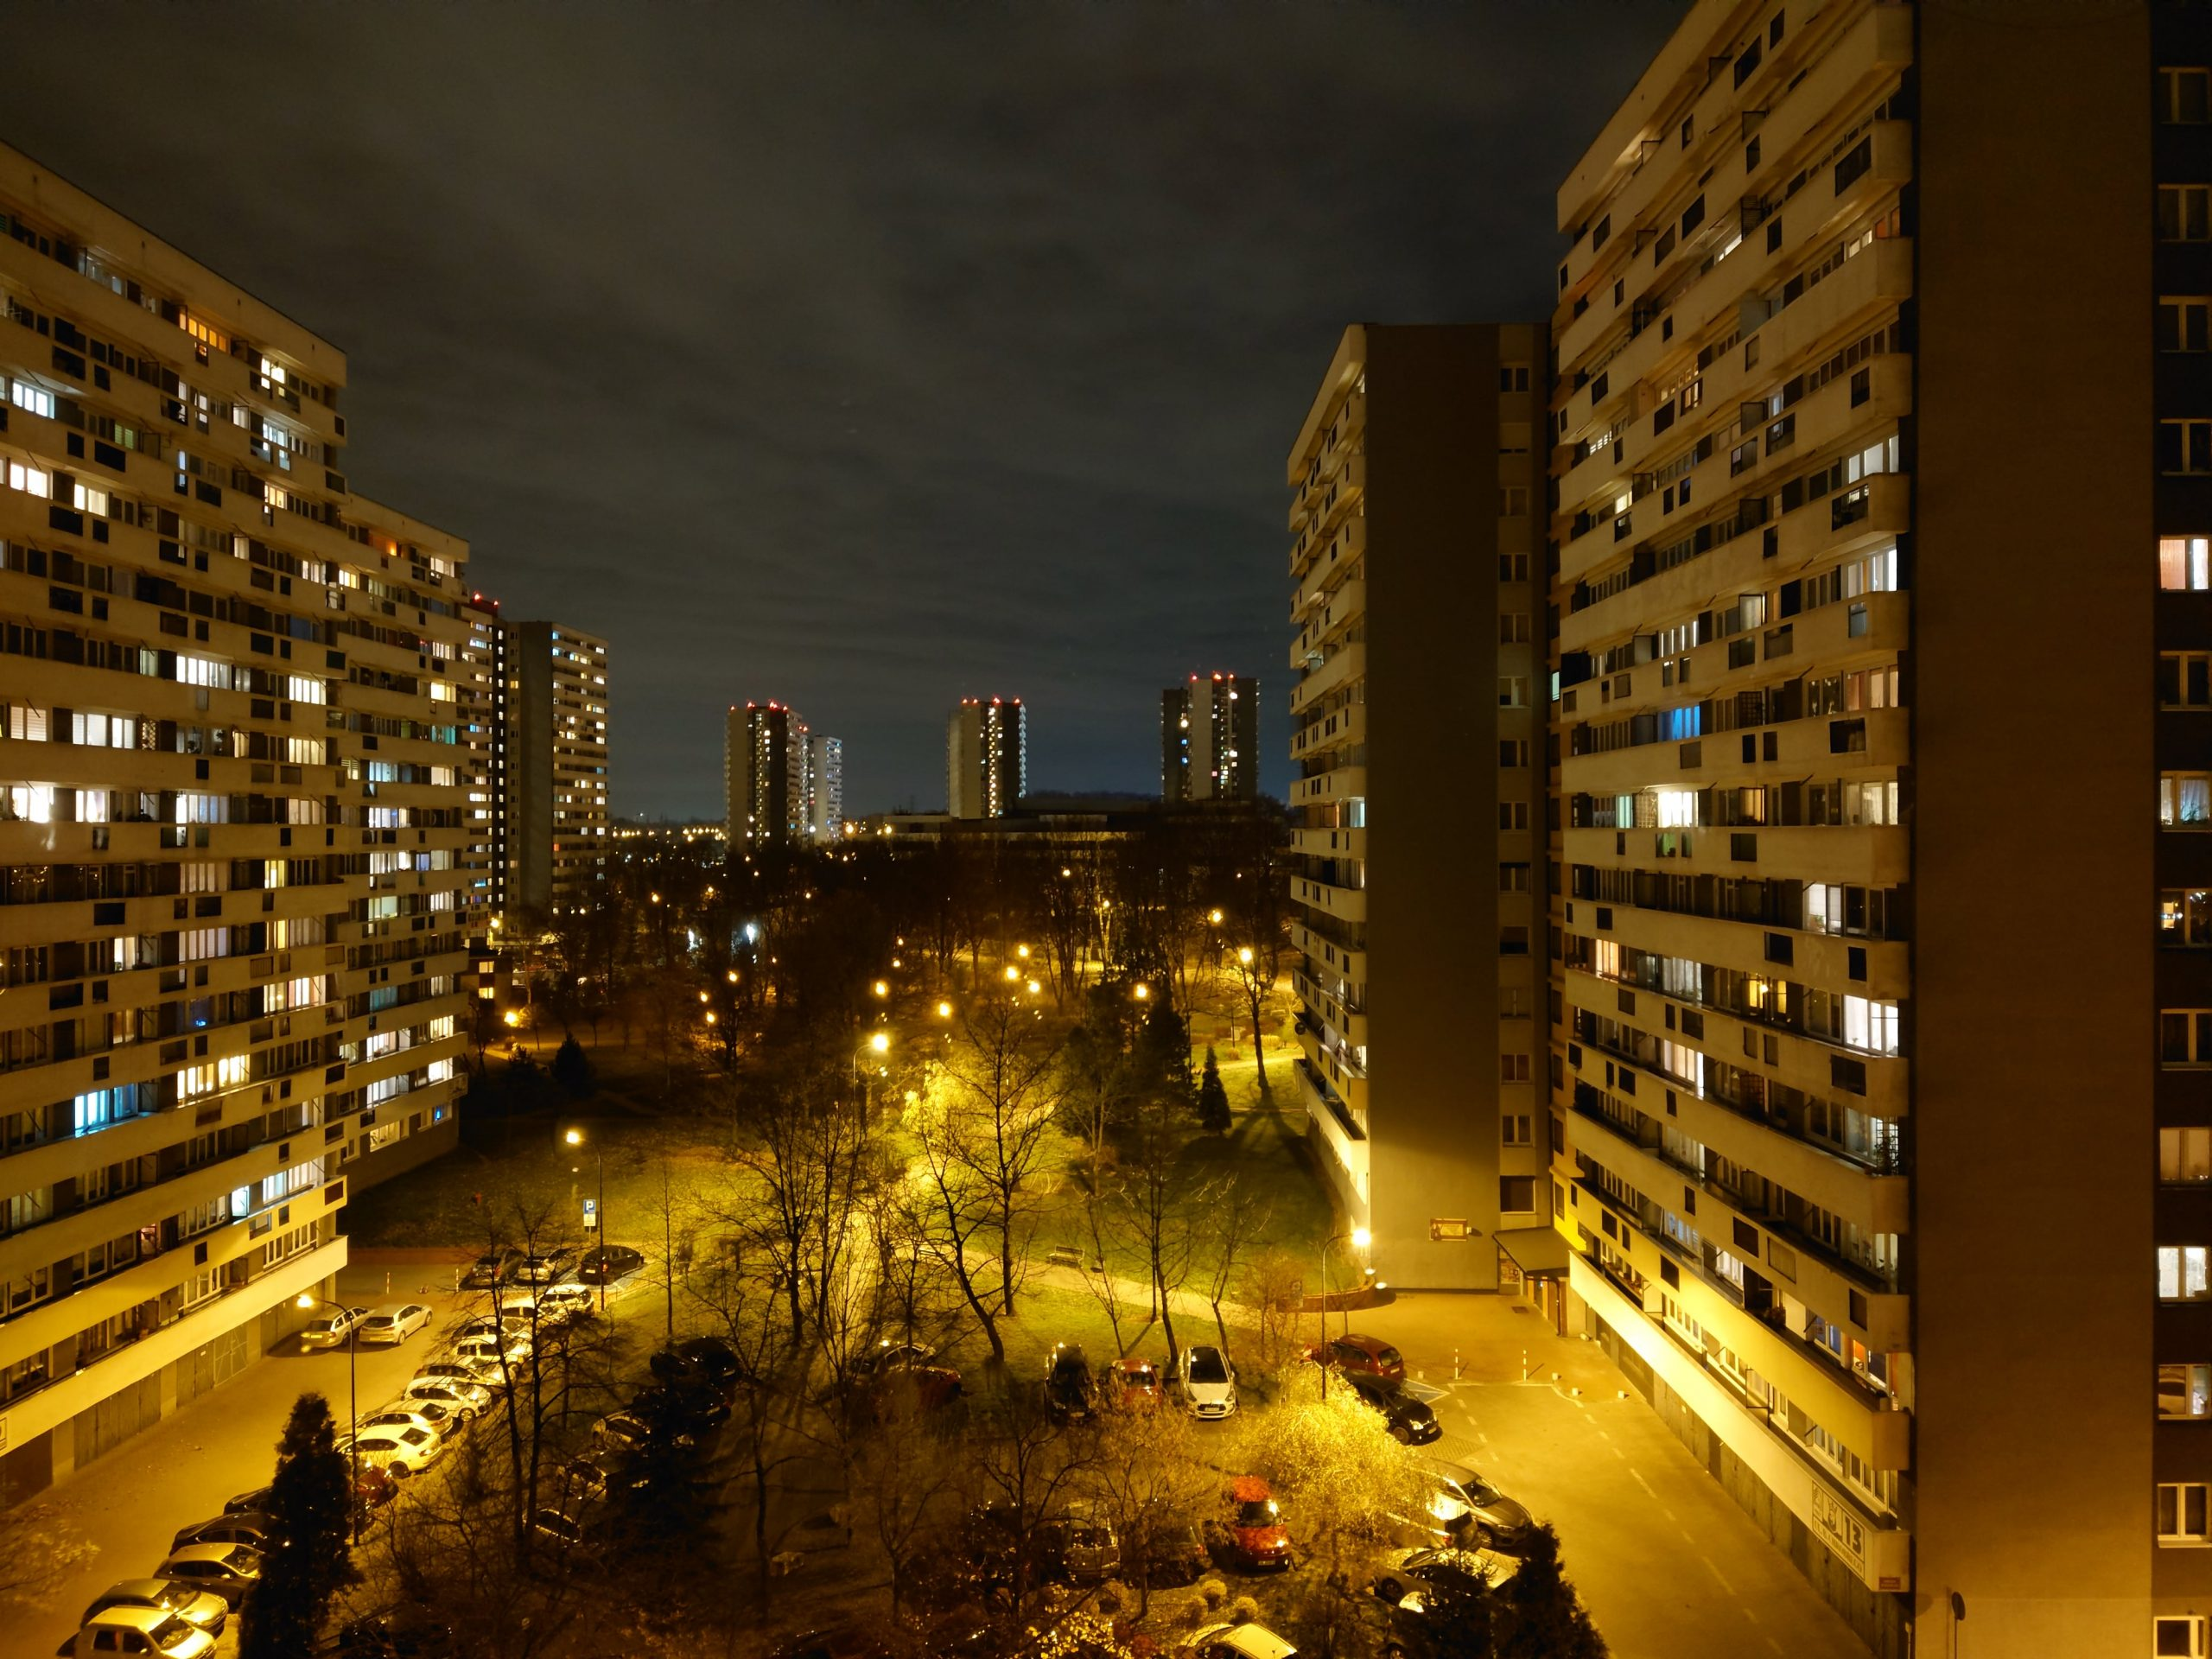 Zdjęcia nocne - Sony Xperia 5 II